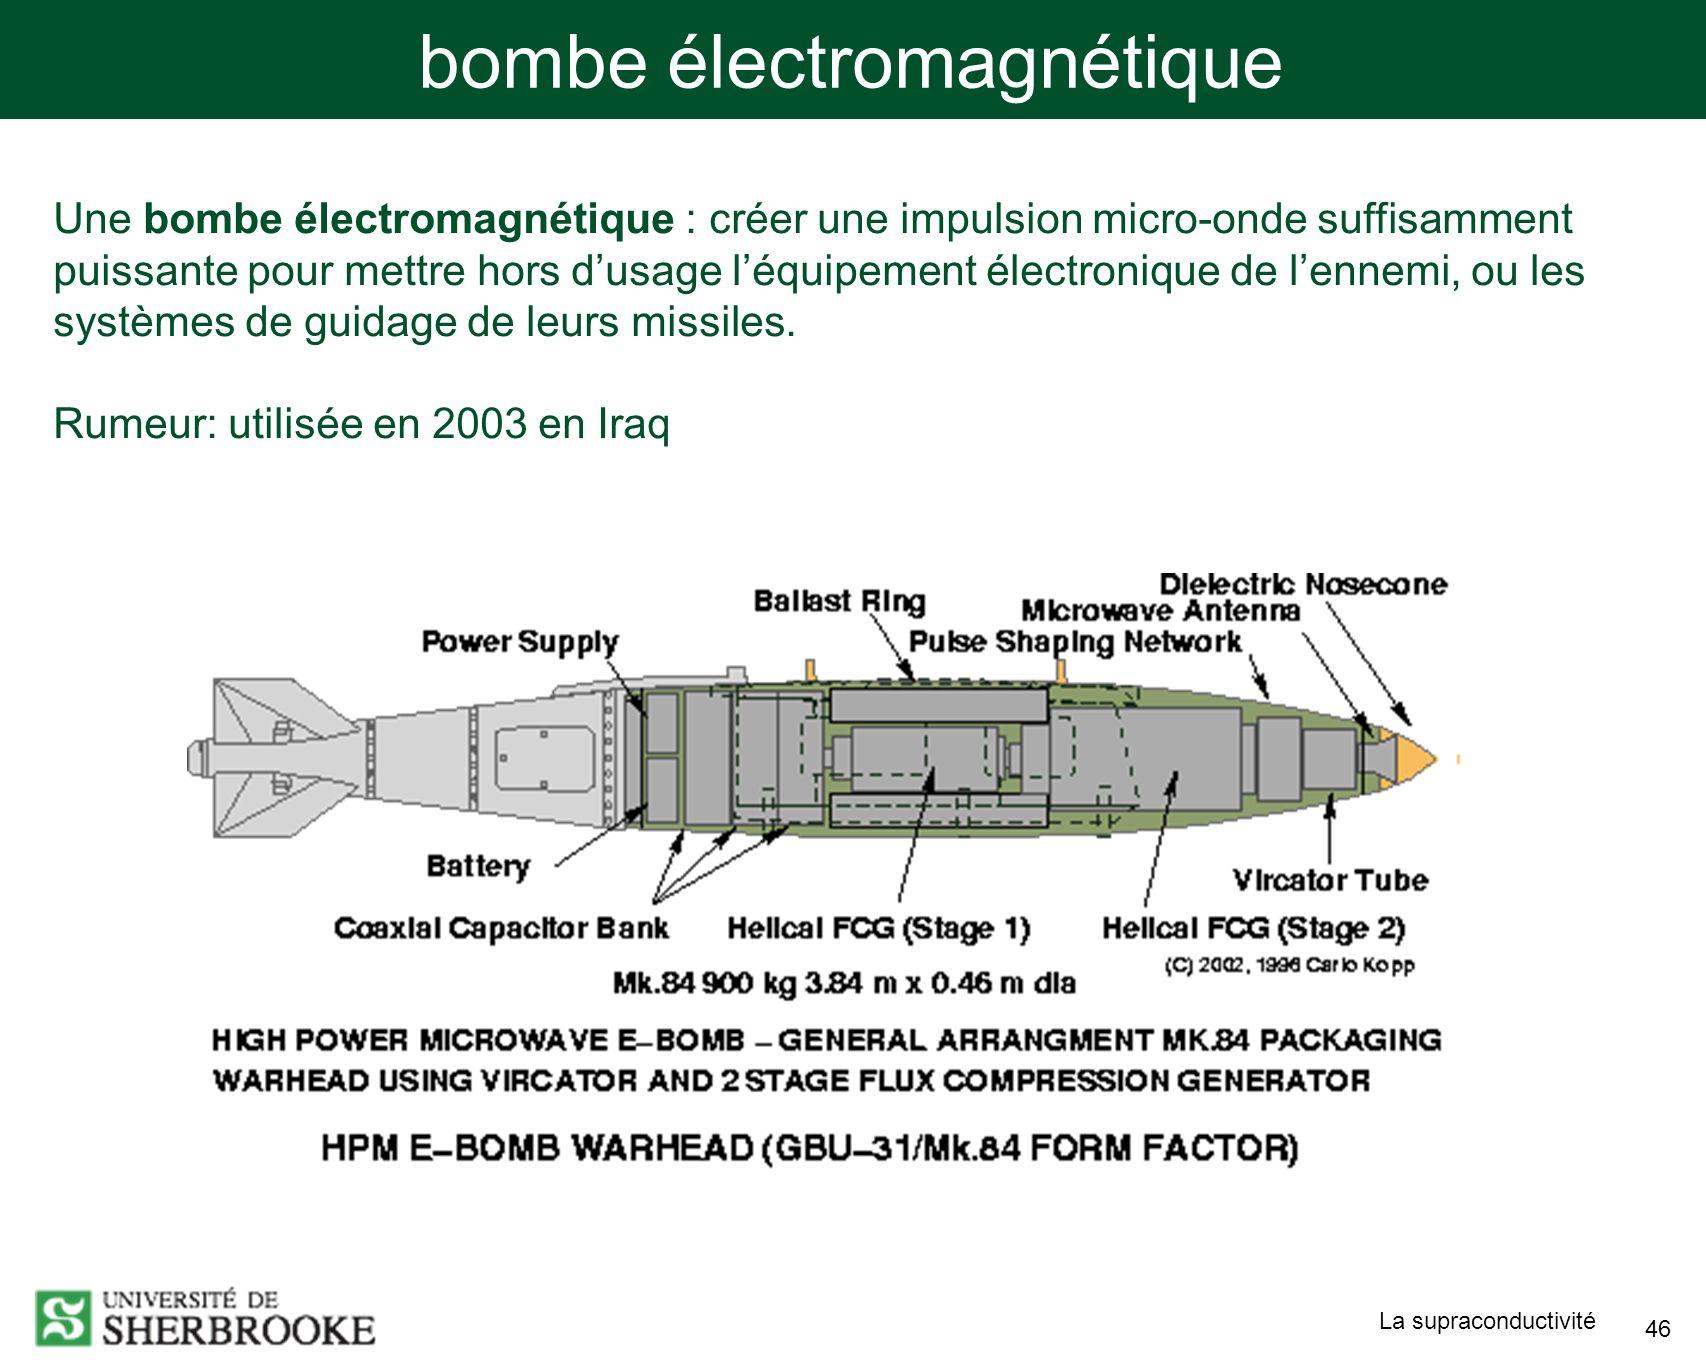 La supraconductivité 46 bombe électromagnétique Une bombe électromagnétique : créer une impulsion micro-onde suffisamment puissante pour mettre hors d